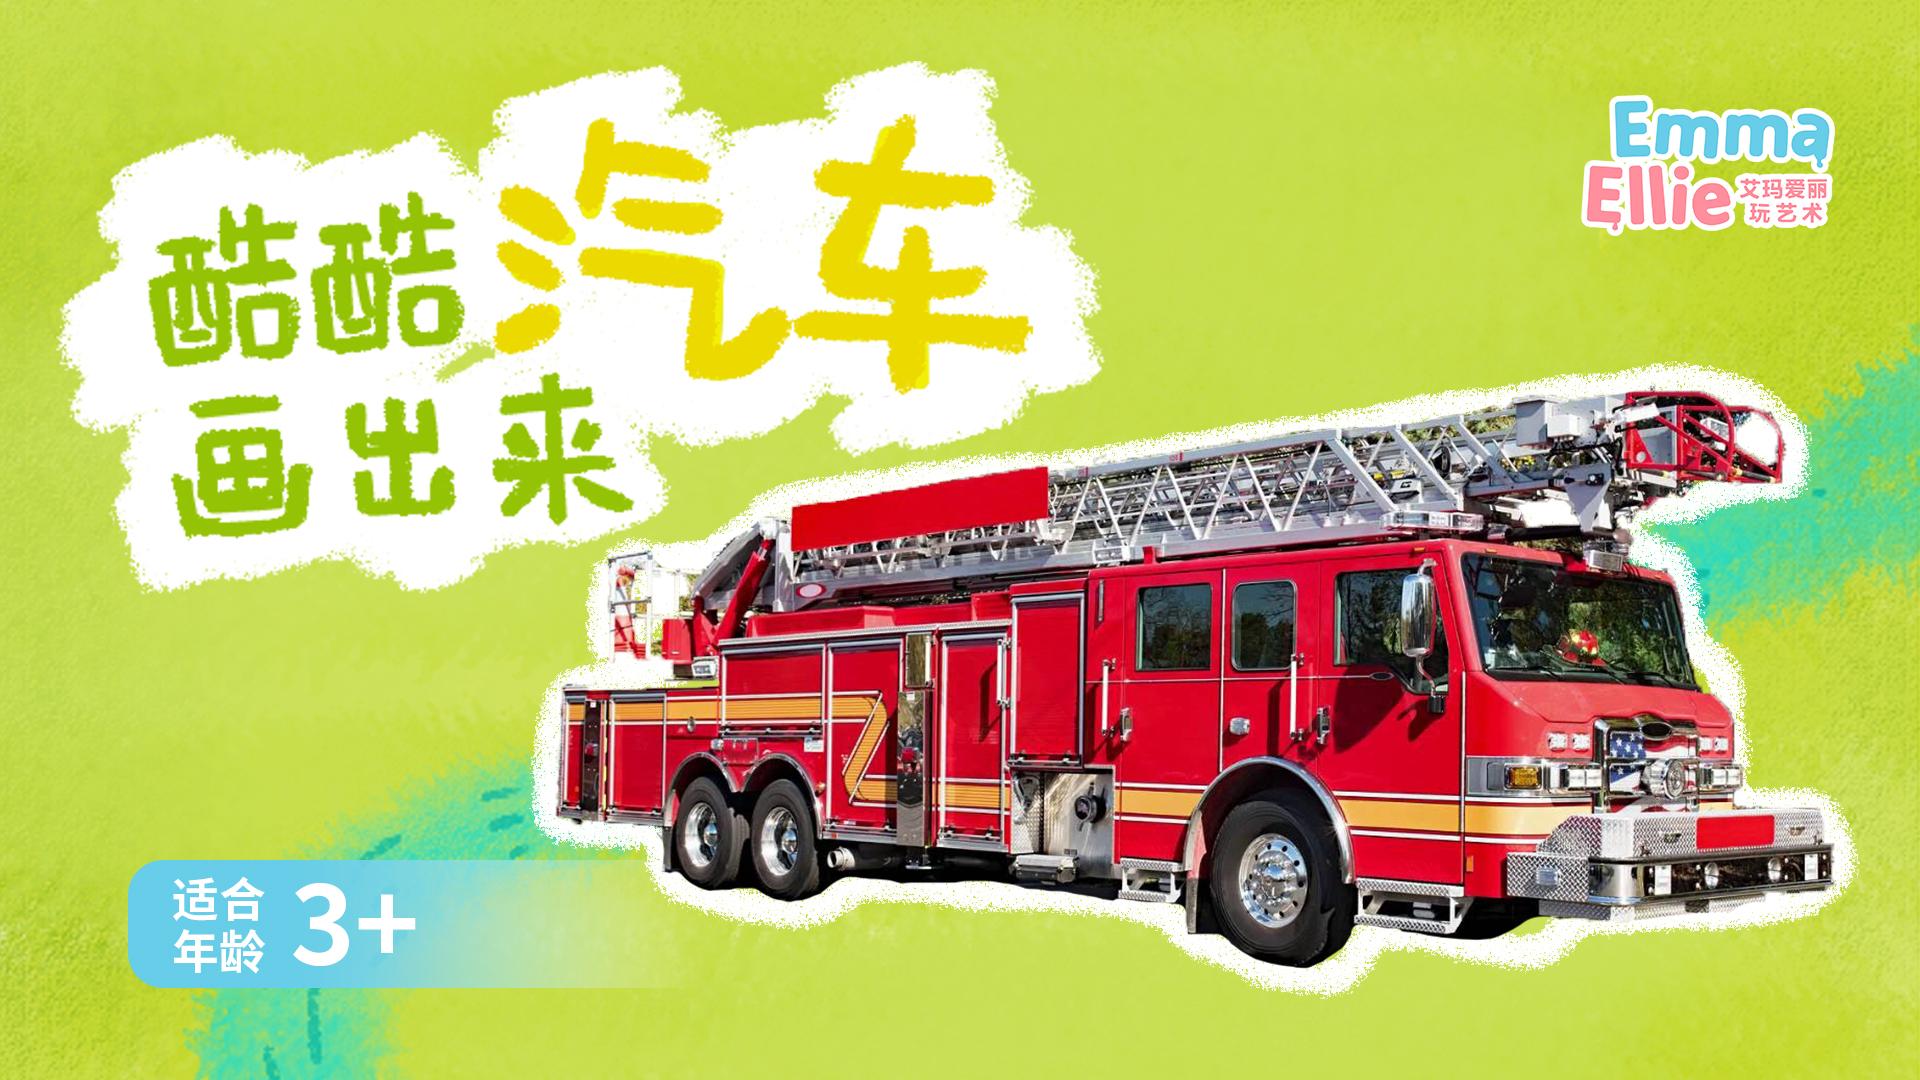 【艾玛爱丽】酷酷的汽车画出来-消防车的画法